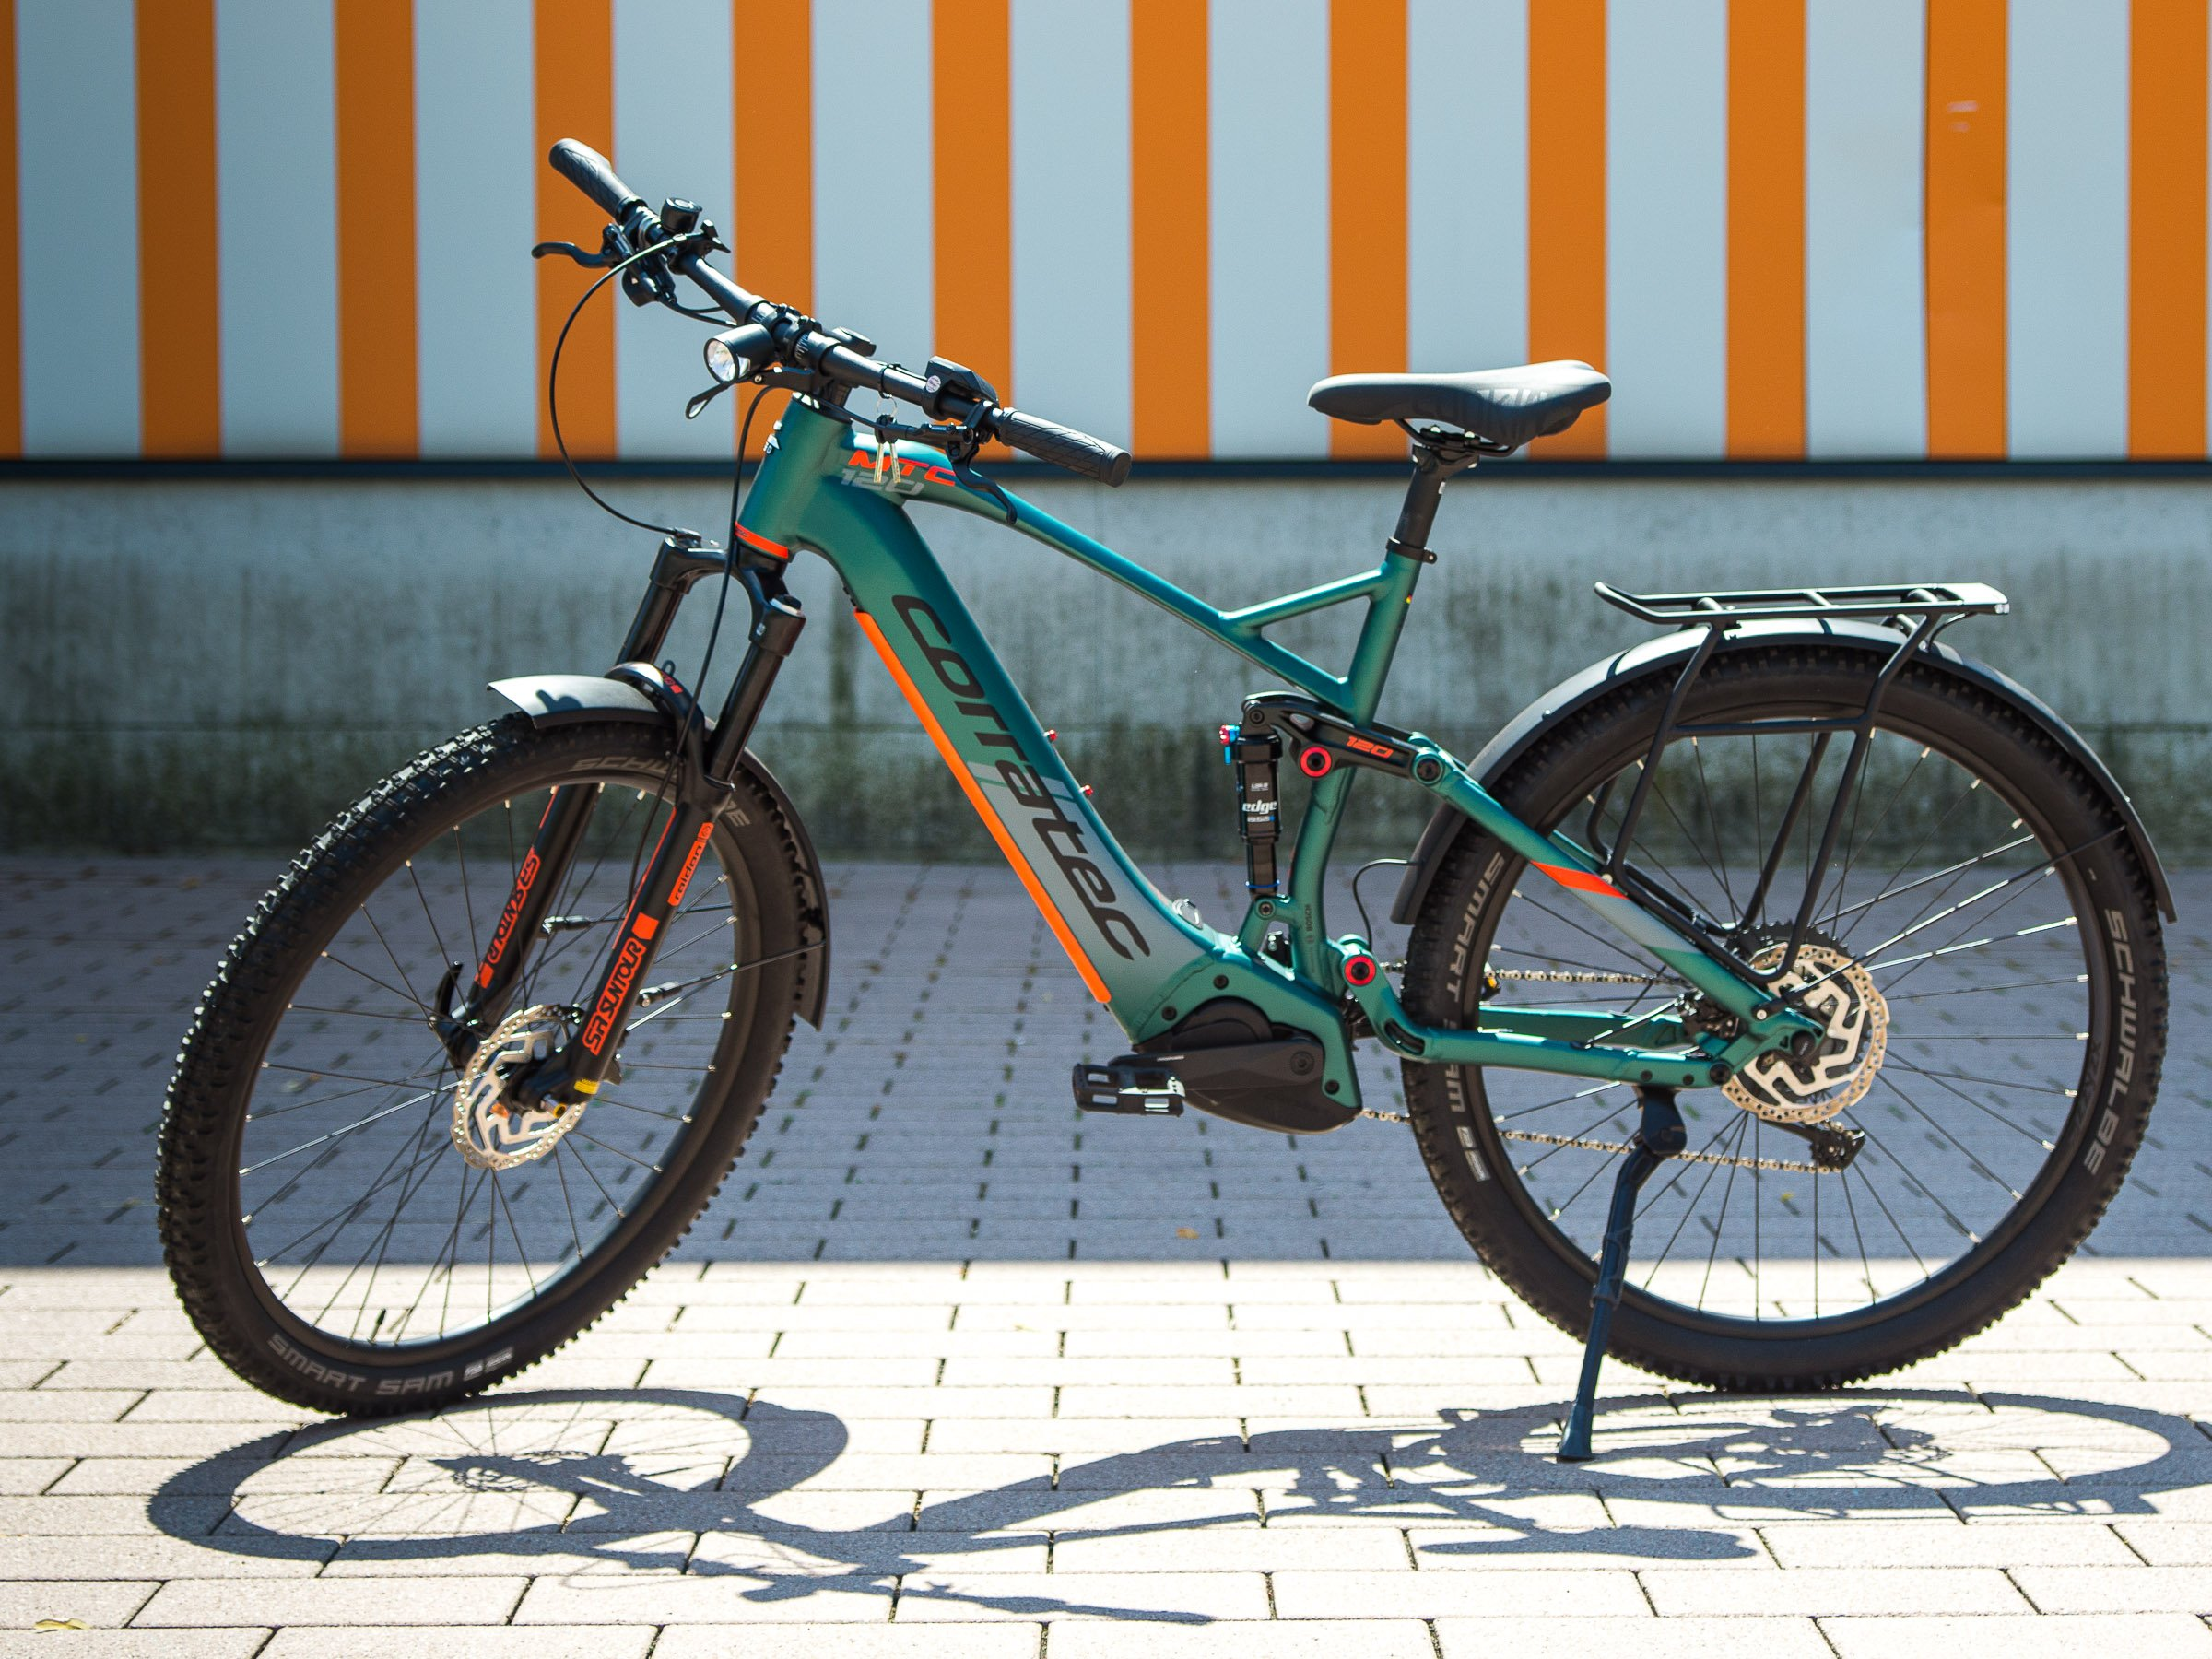 Zubehör fürs E-Bike und Fahrrad: Diese 10 Gadgets kosten weniger als 20 Euro